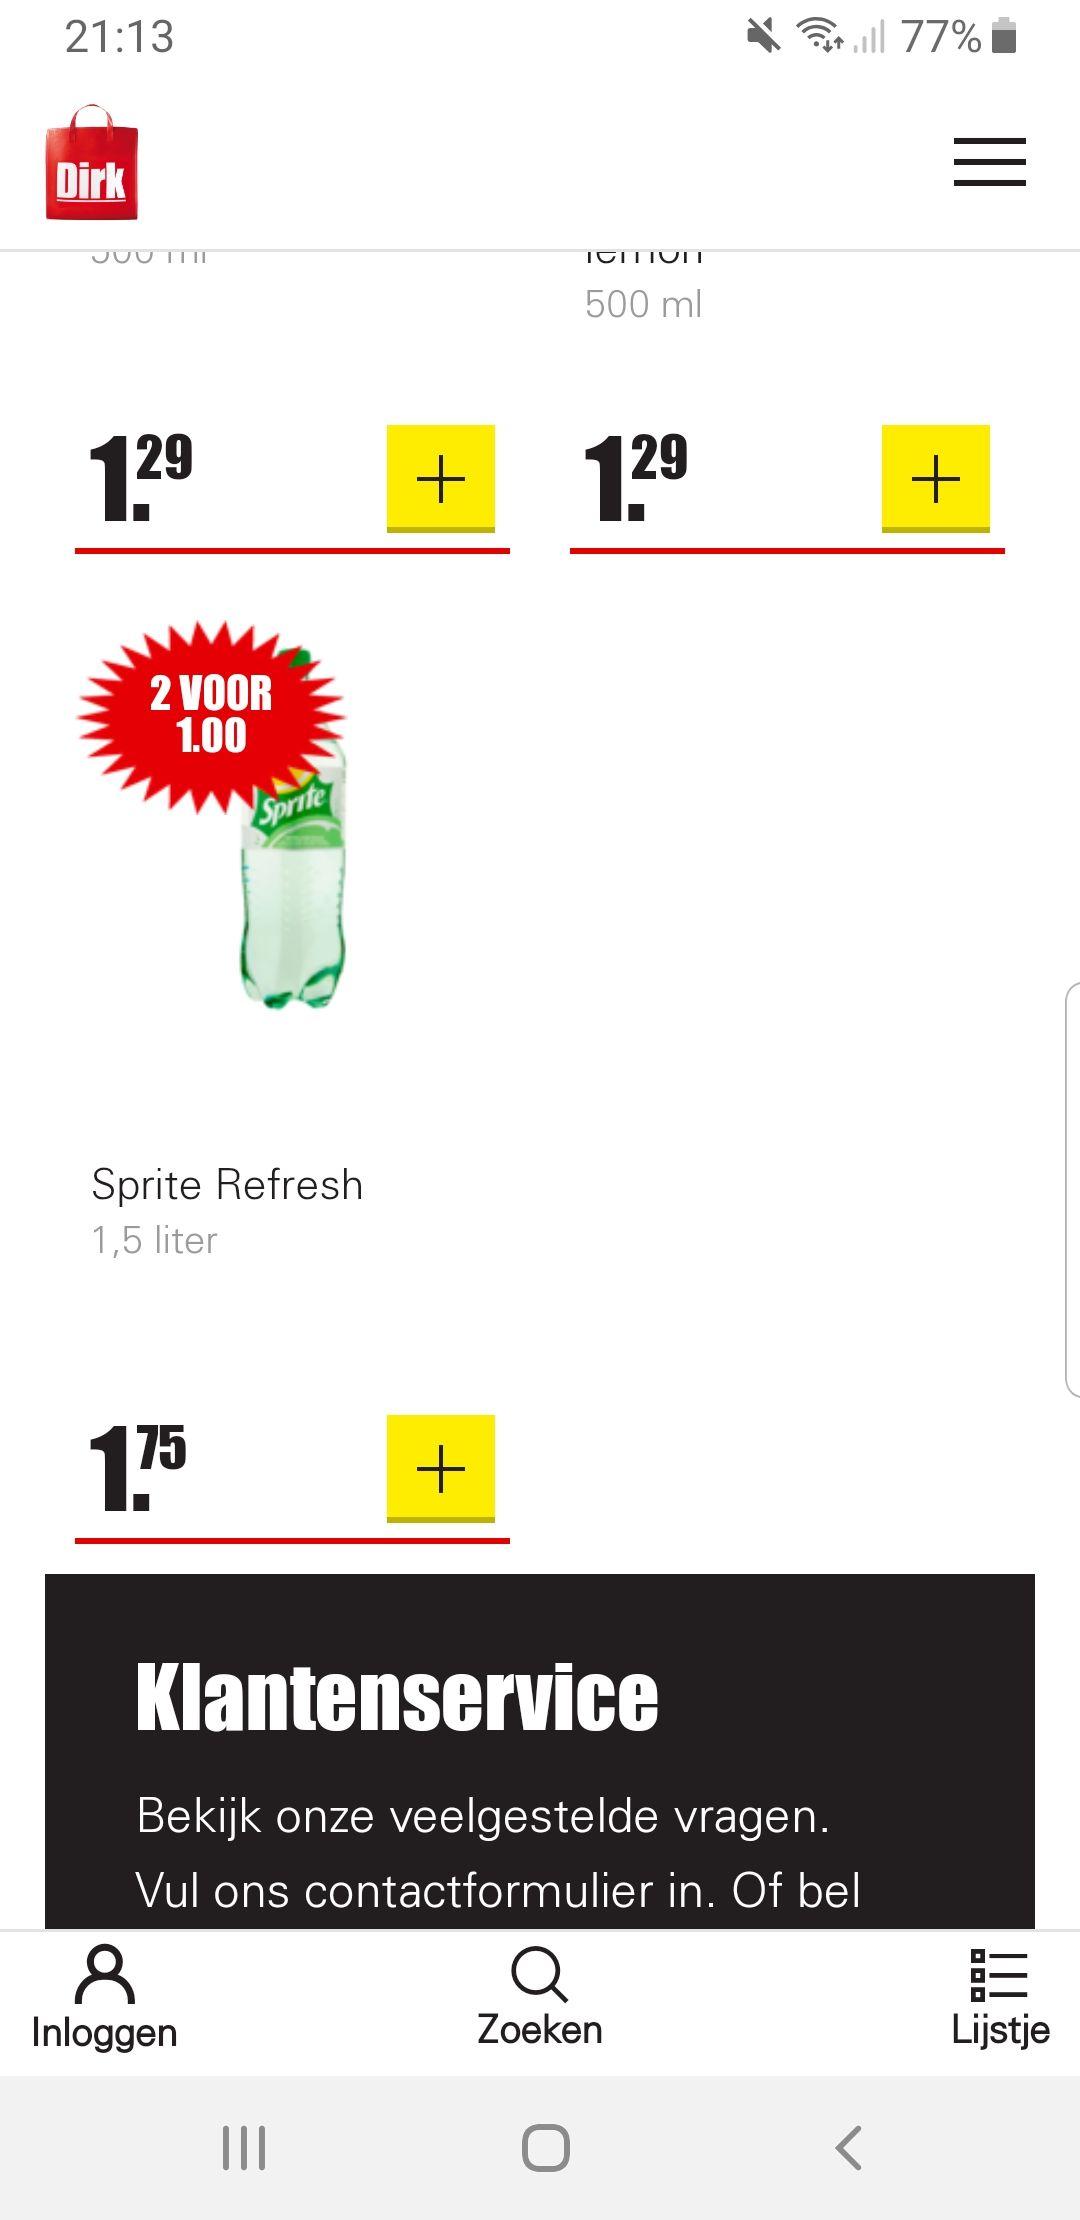 Prijsfout? Stunt? 2x 1.5 liter Sprite voor 1 euro, normaal 1.75 per fles (oftewel meer dan 71% korting) @Dirk